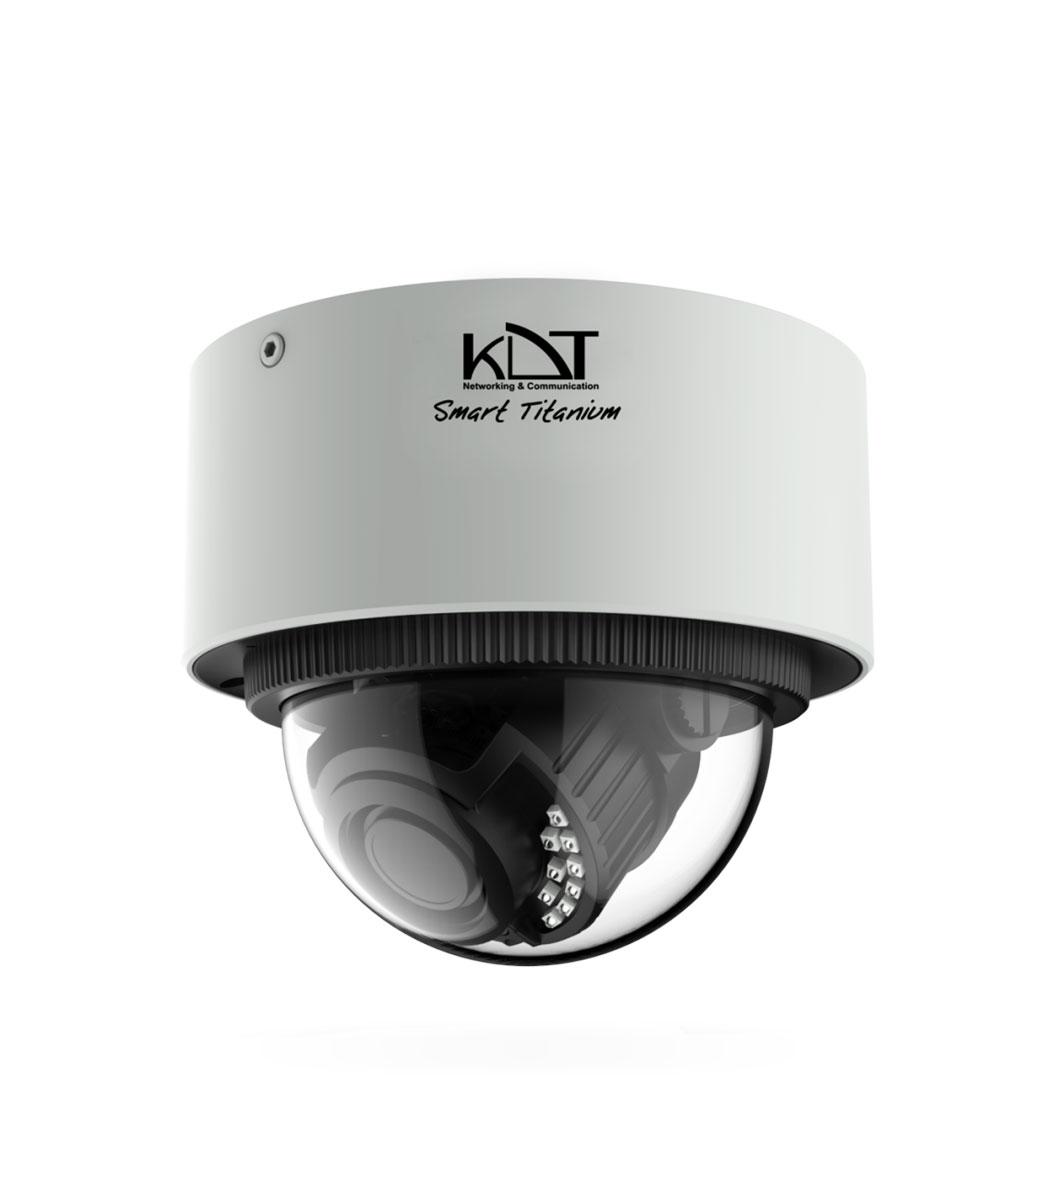 دوربین مداربسته کی دی تی مدل KI-D25ST80A